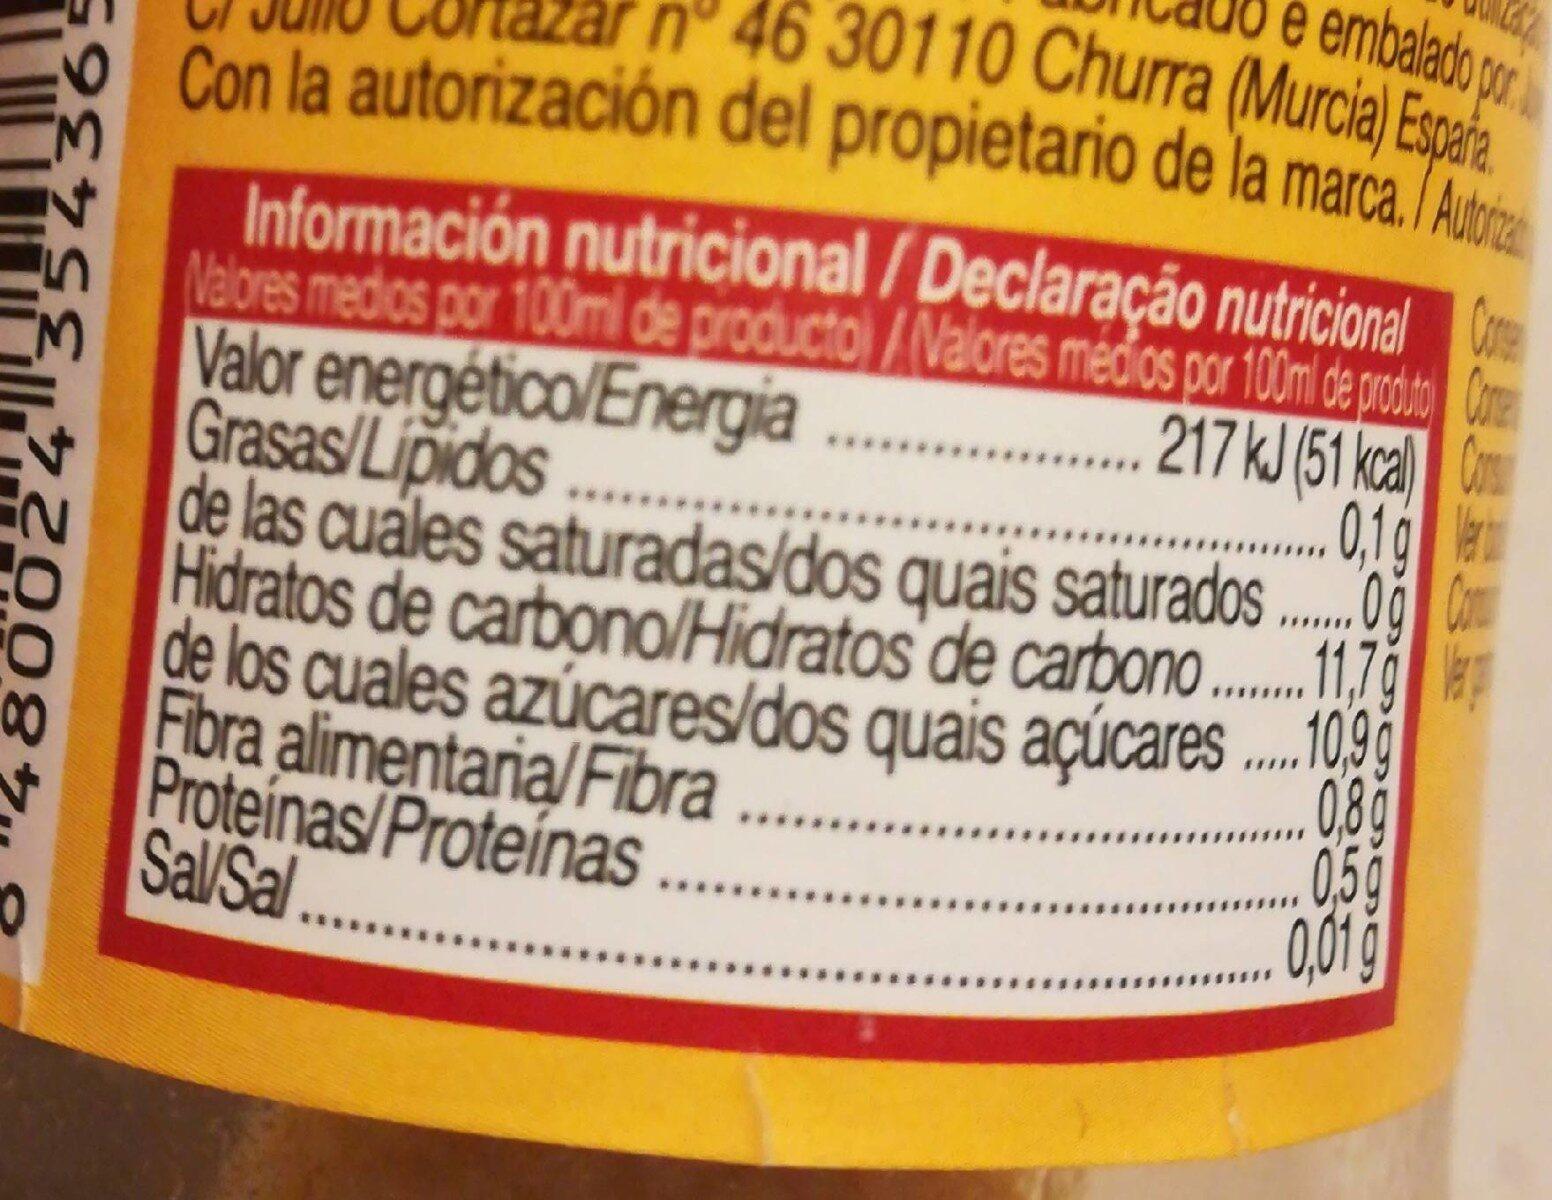 Nectar de melocoton - Nutrition facts